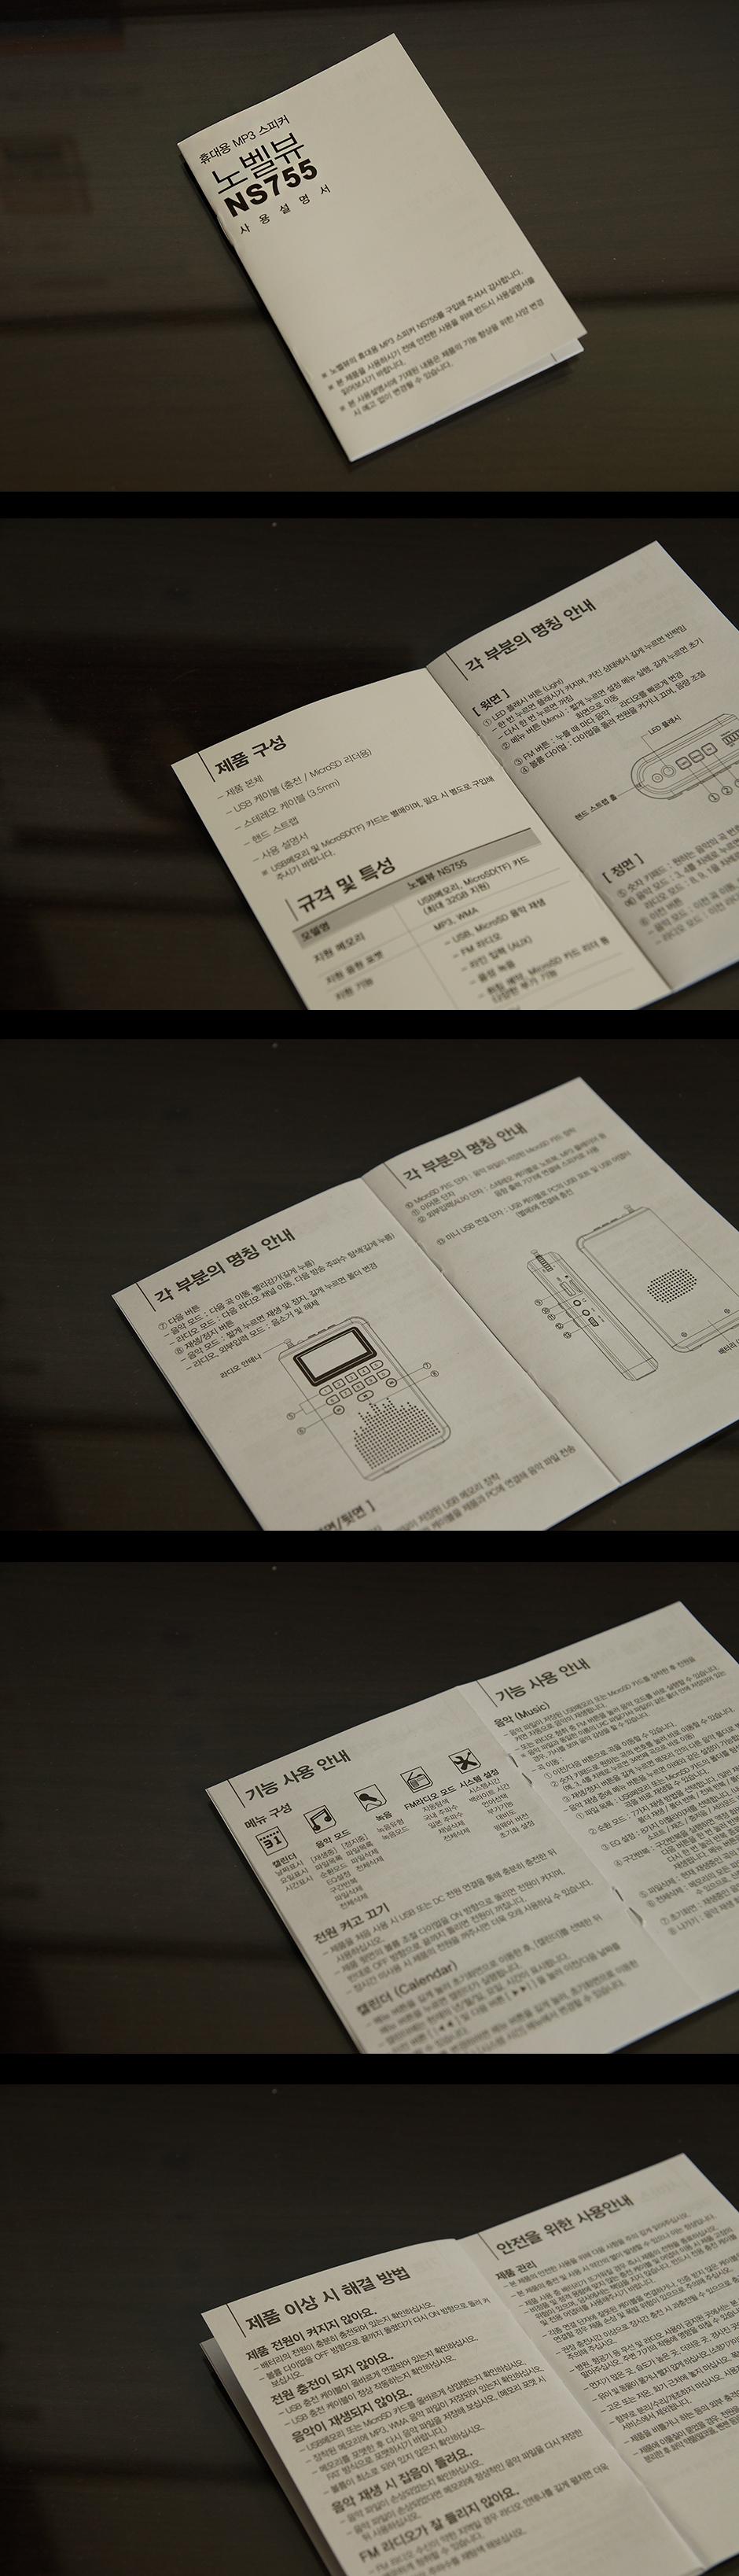 패키징4.jpg